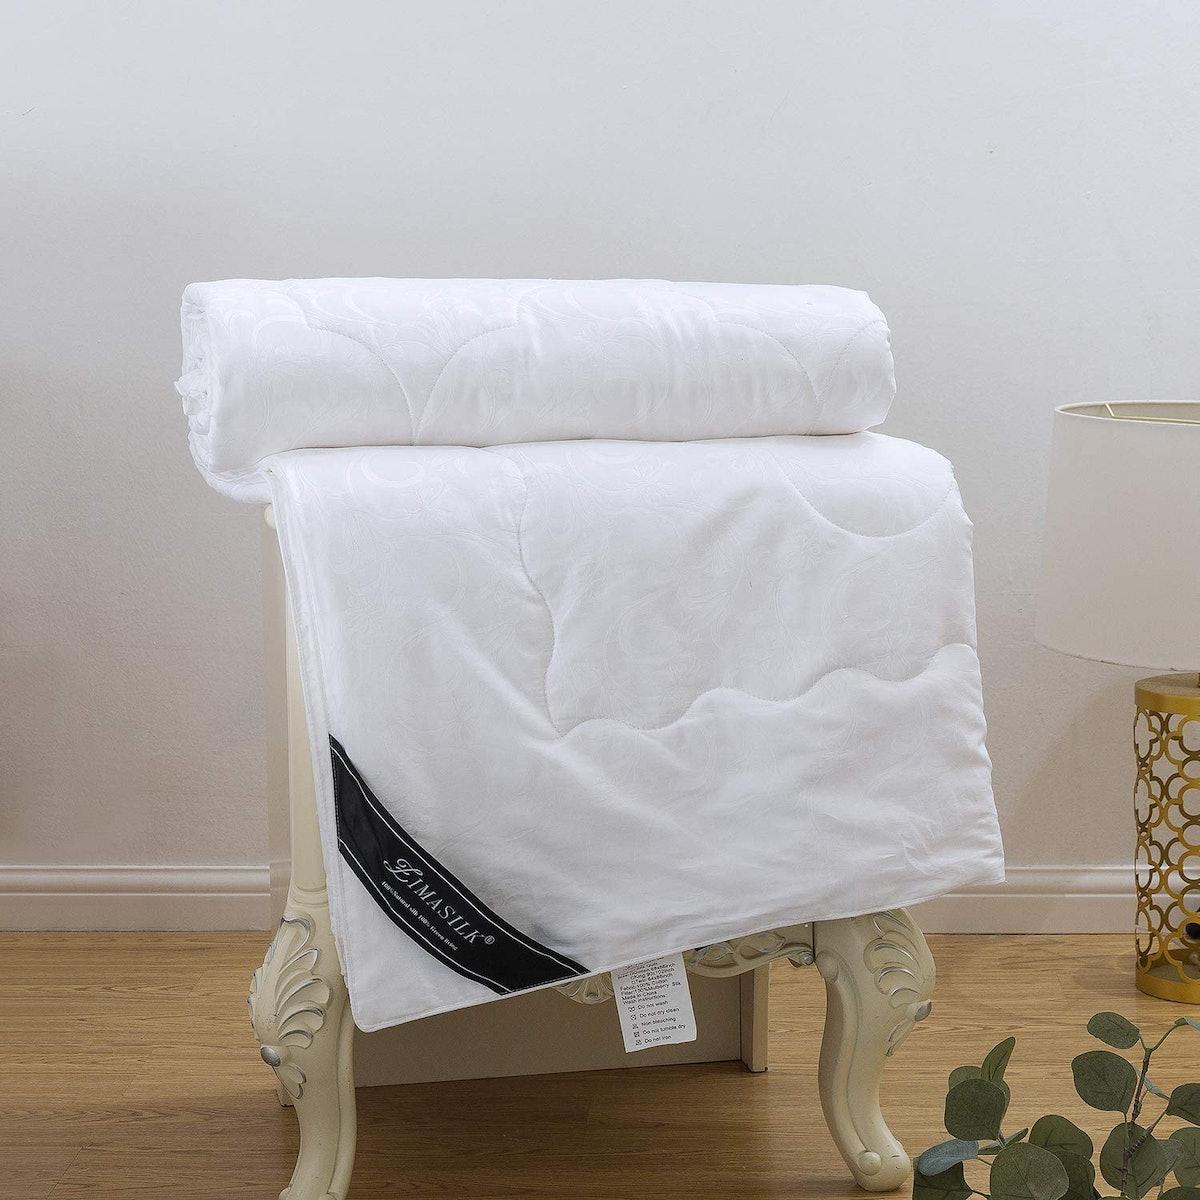 ZIMASILK Mulberry Silk Comforter